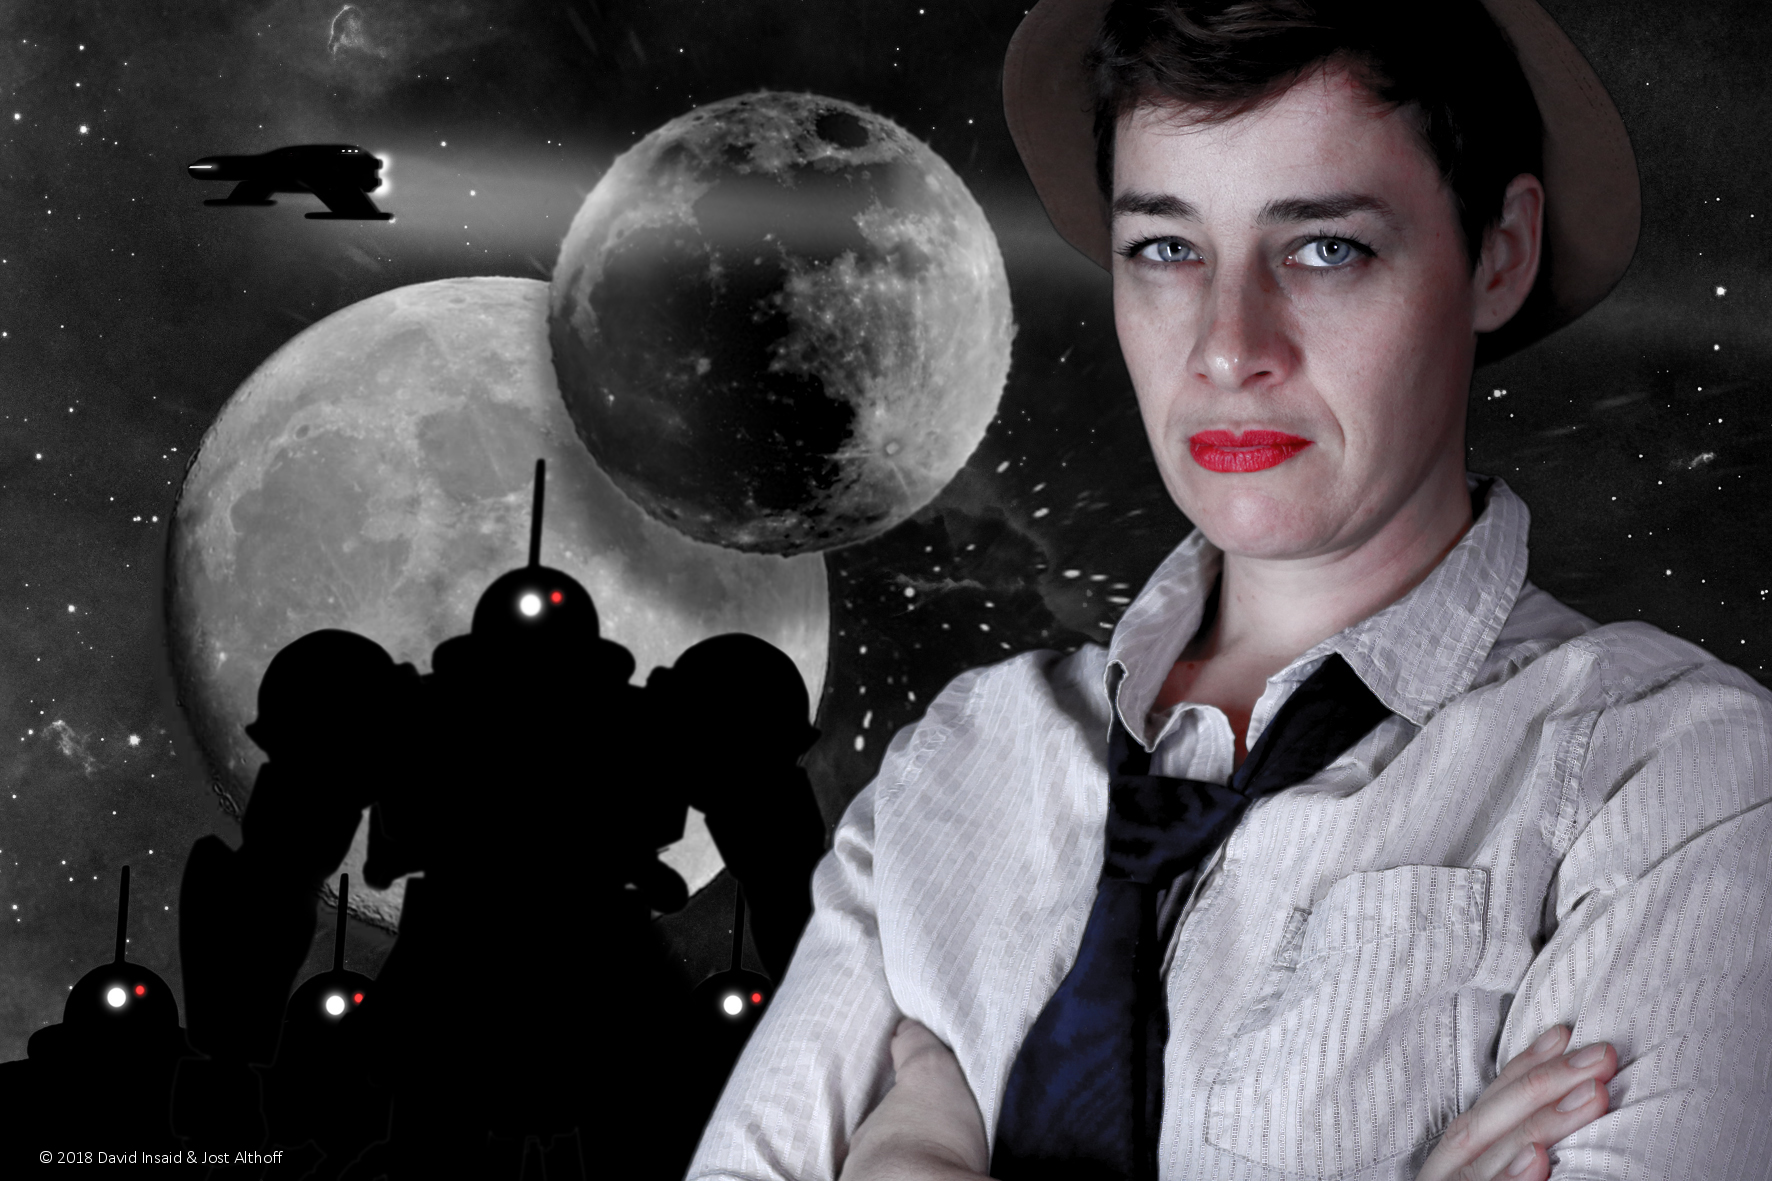 Mord auf dem Holodeck - Nina Thaler als Hardboiled Detective